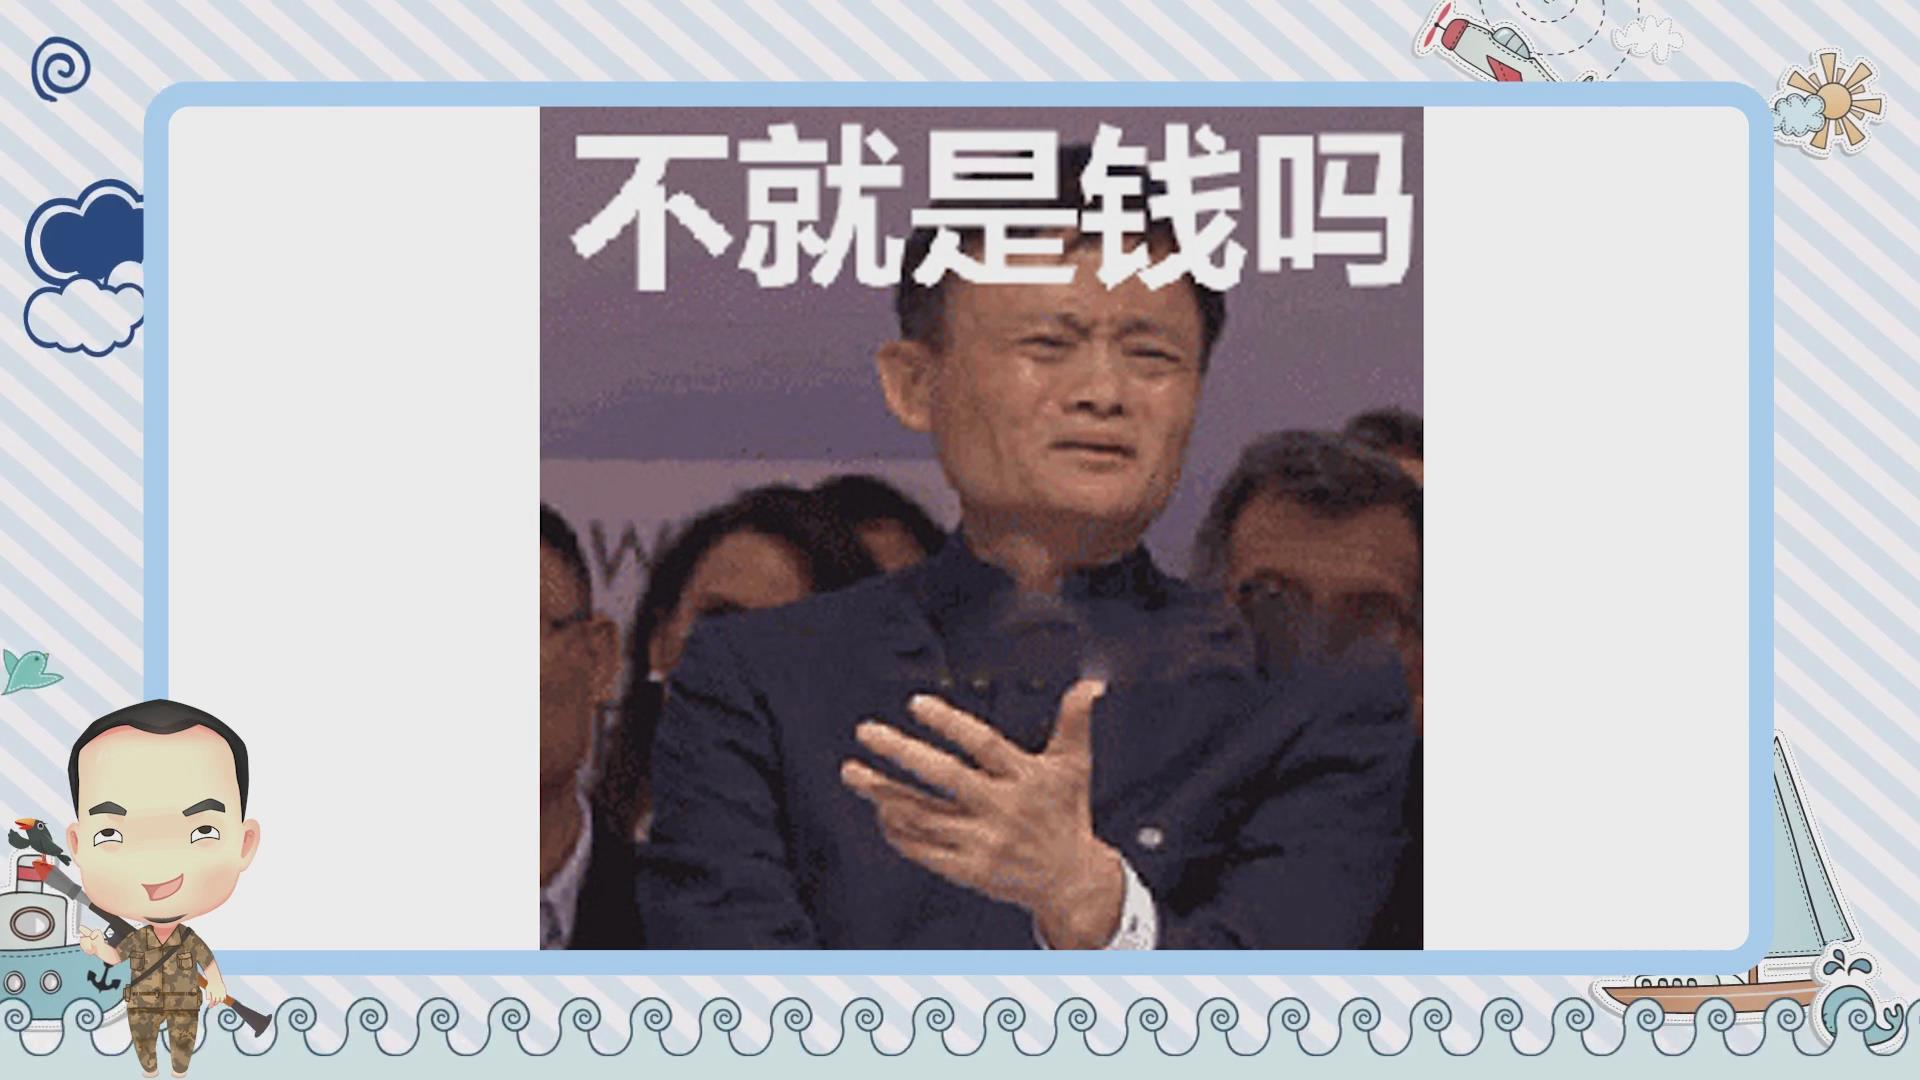 小乌鸦第四期-贾跃亭